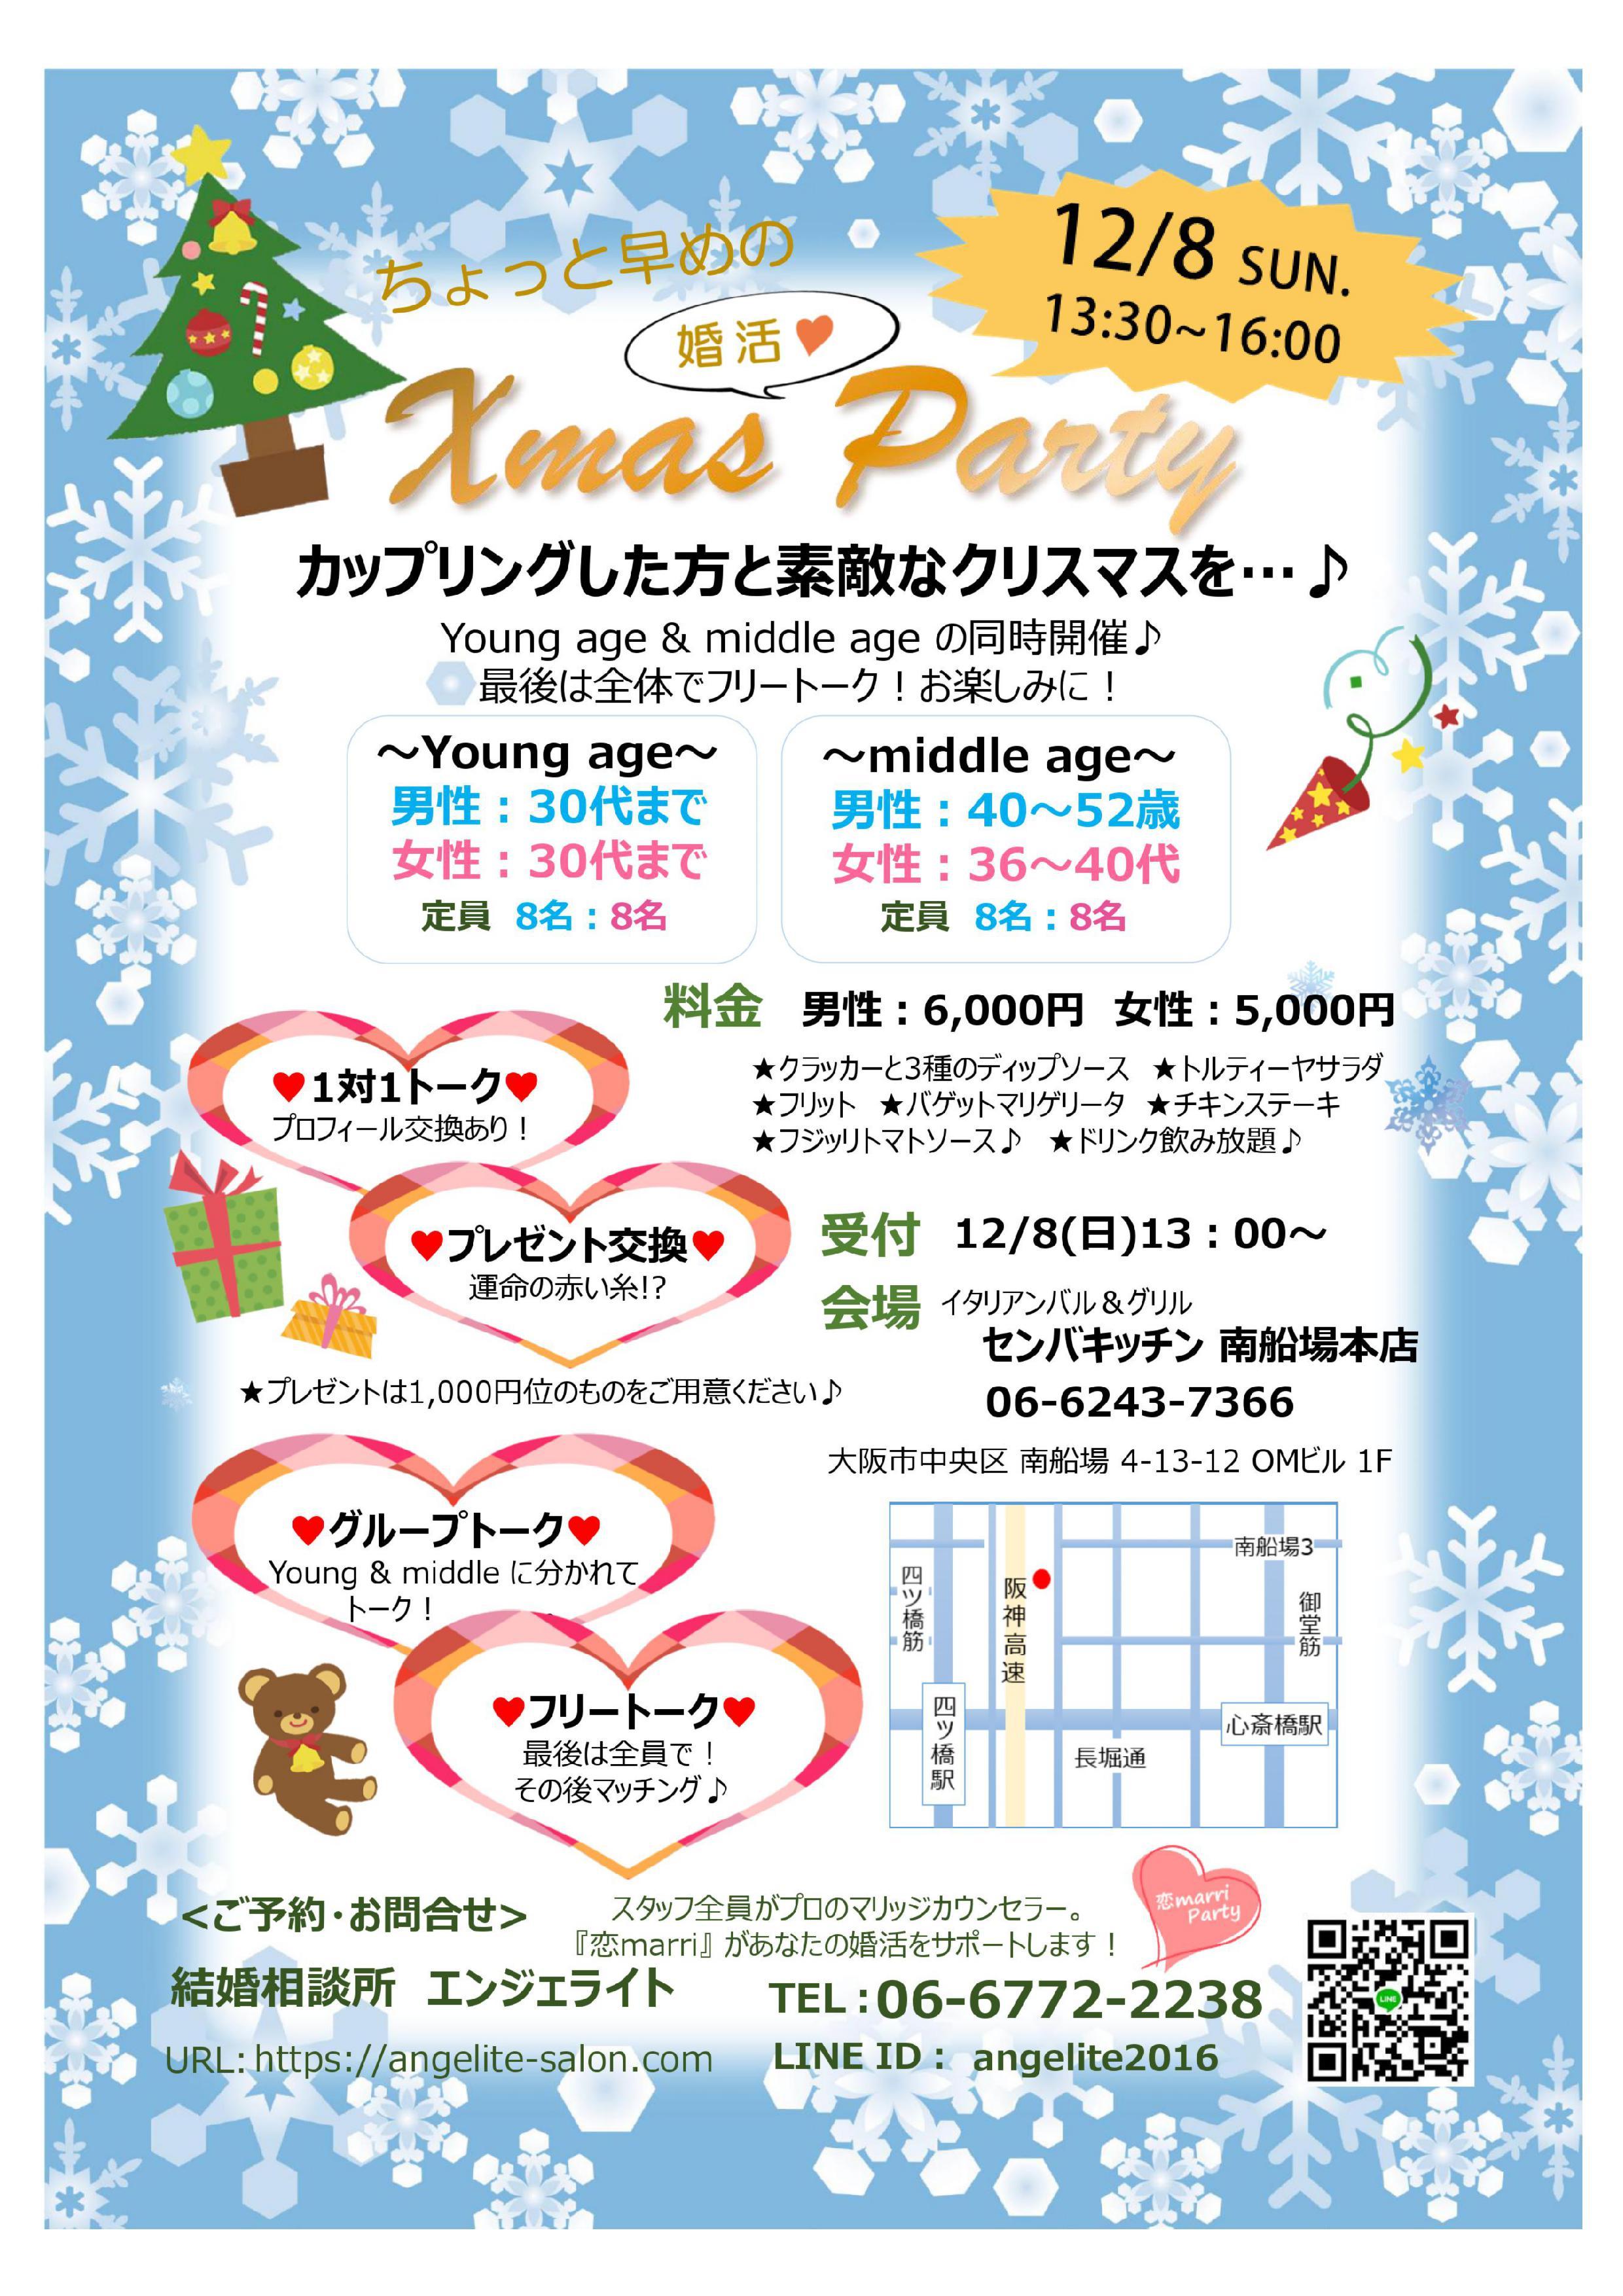 ちょっと早めのクリスマス婚活パーティーのご案内!!